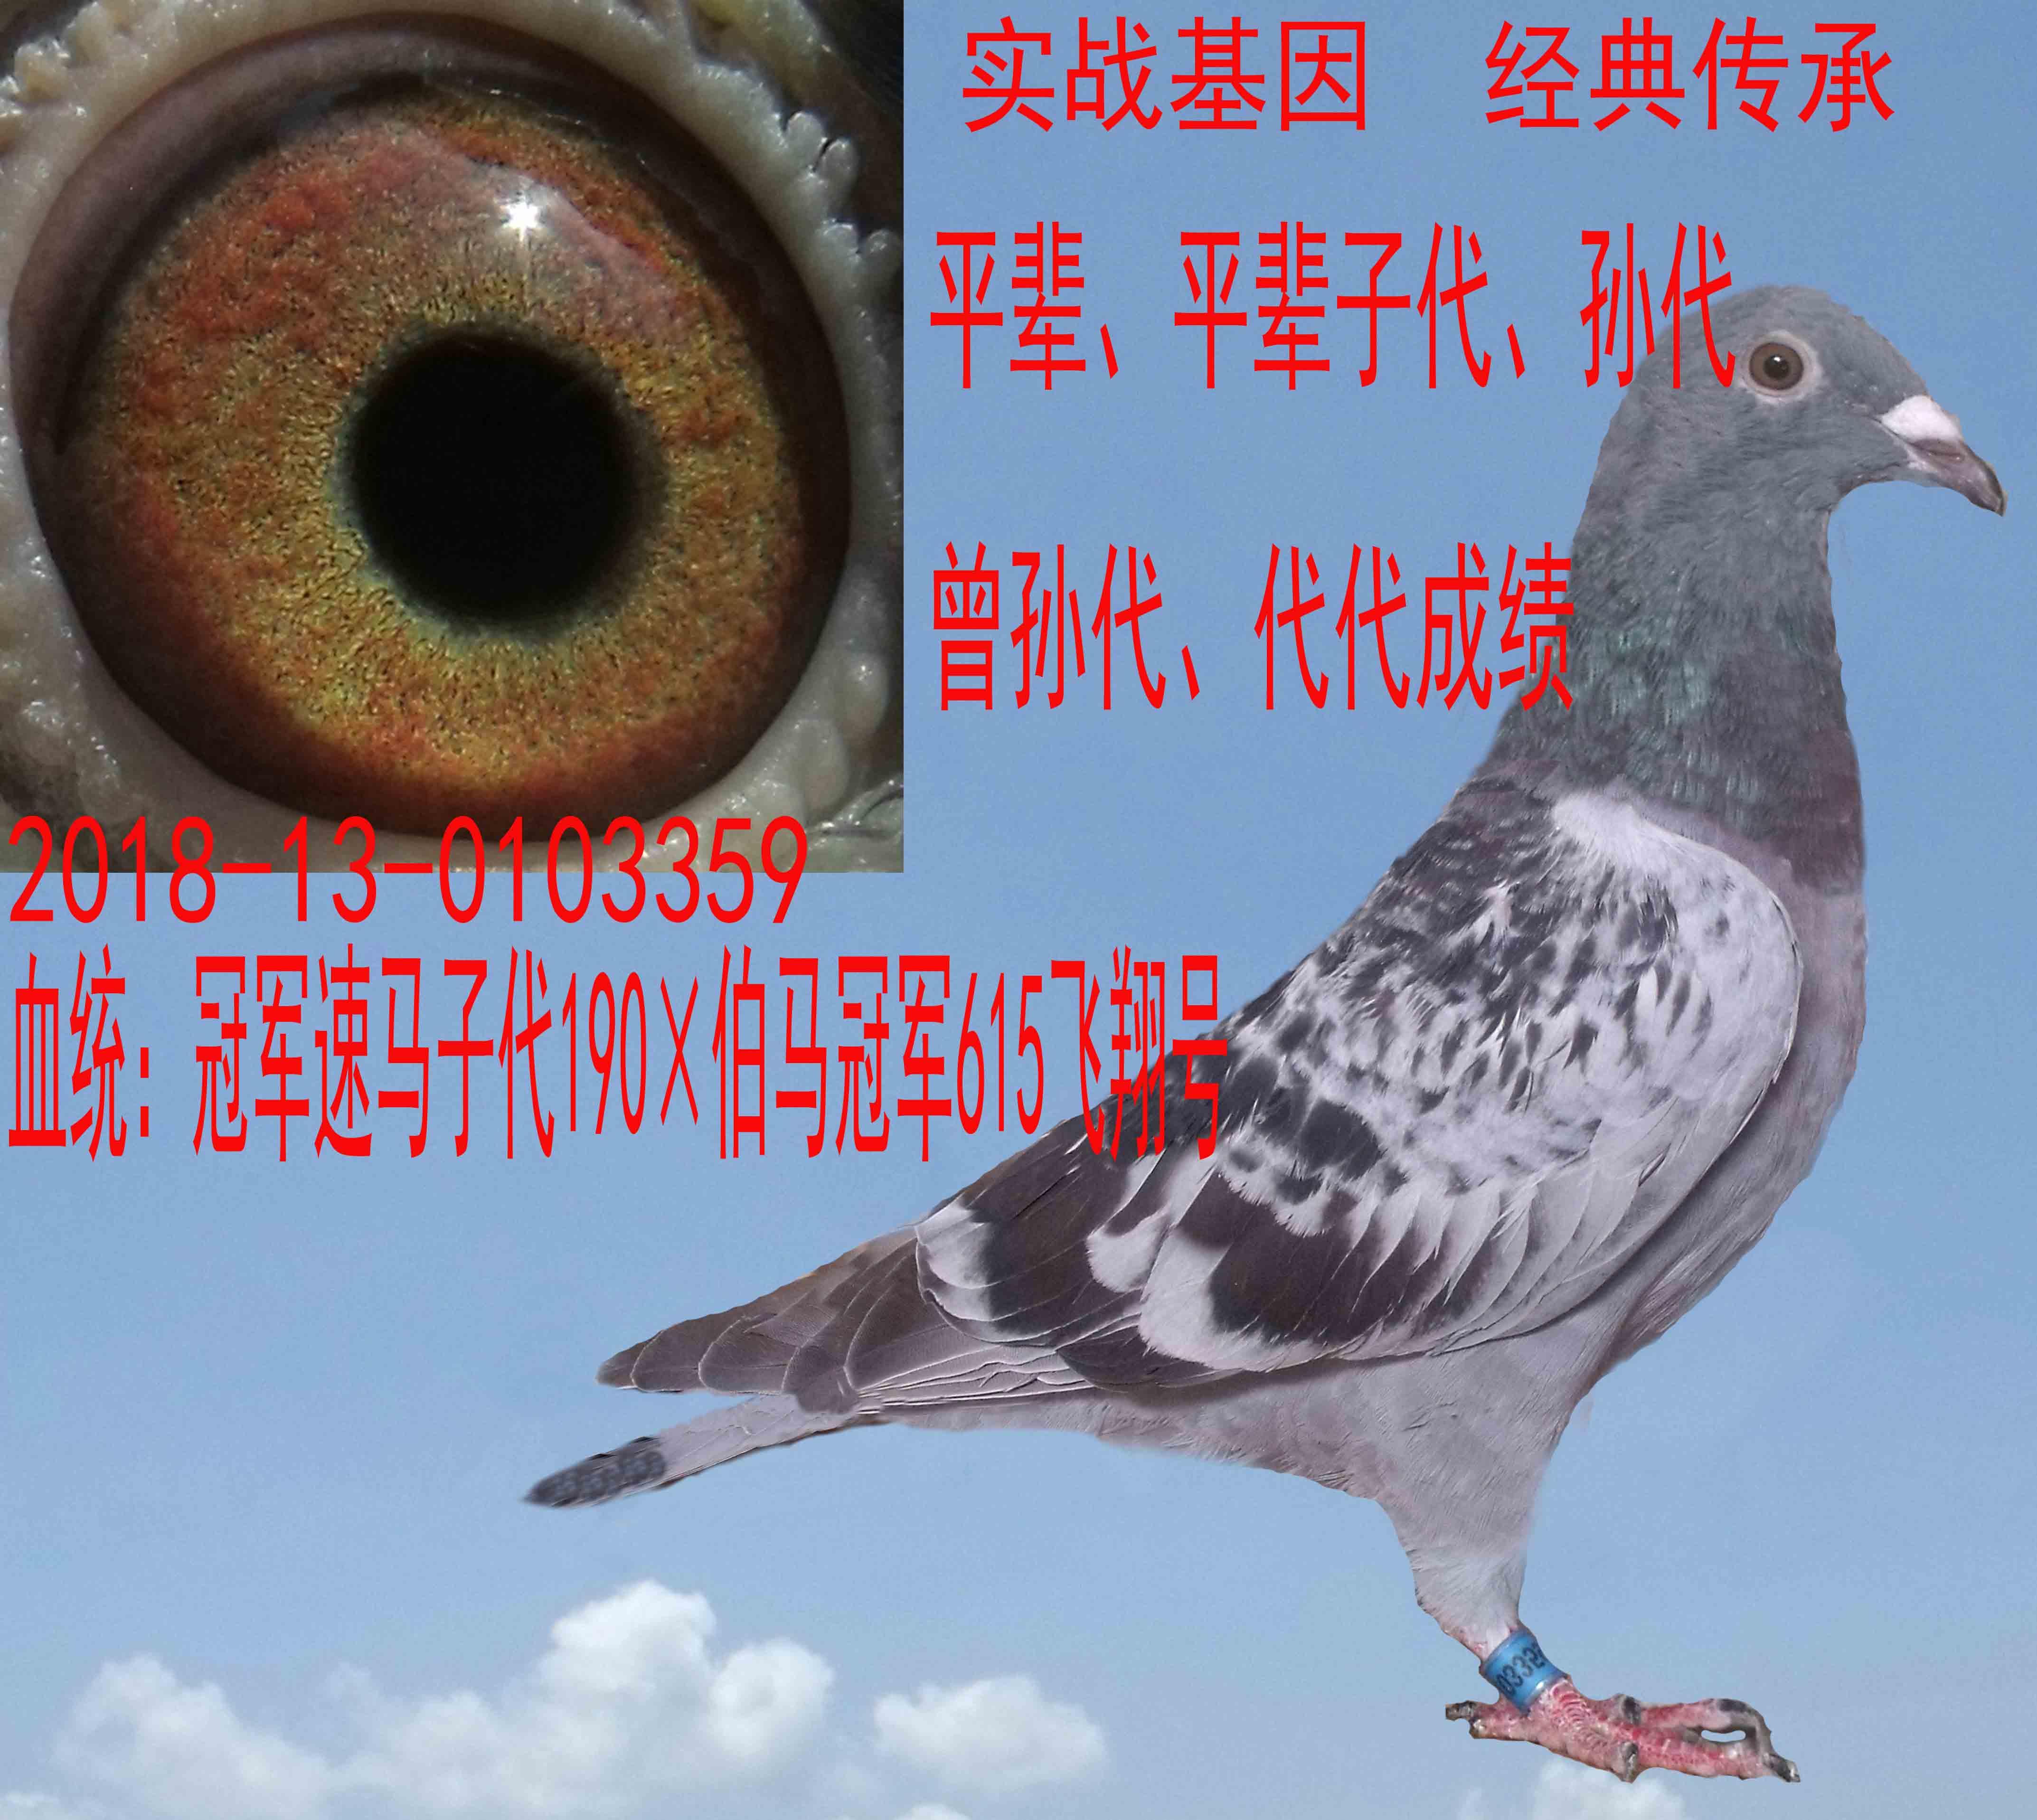 郭氏天马359